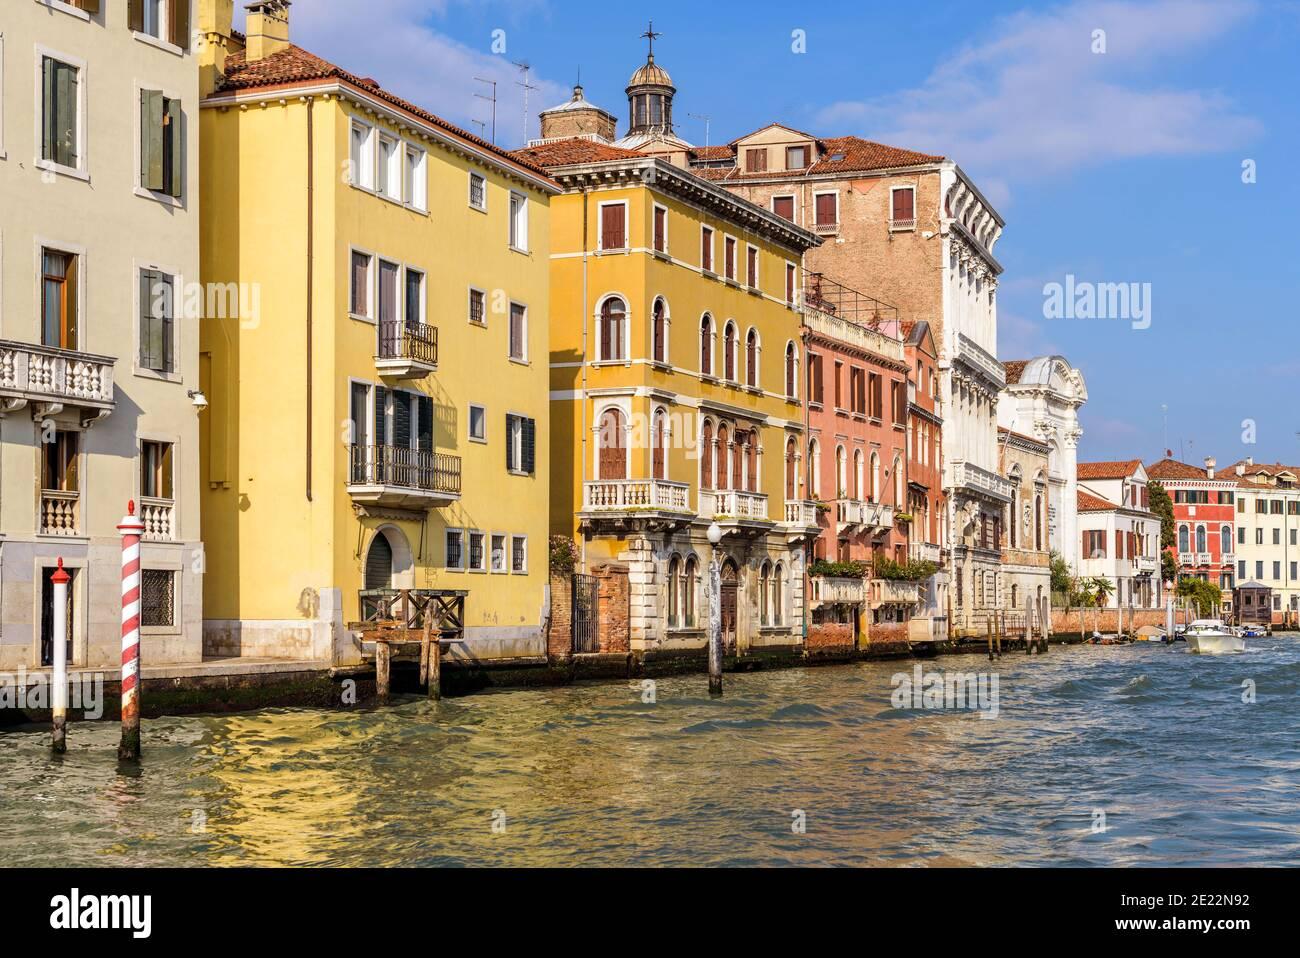 Coloré Canal - la lumière du soleil de l'après-midi brille sur les bâtiments historiques colorés à côté du Grand Canal. Venise, Italie. Banque D'Images